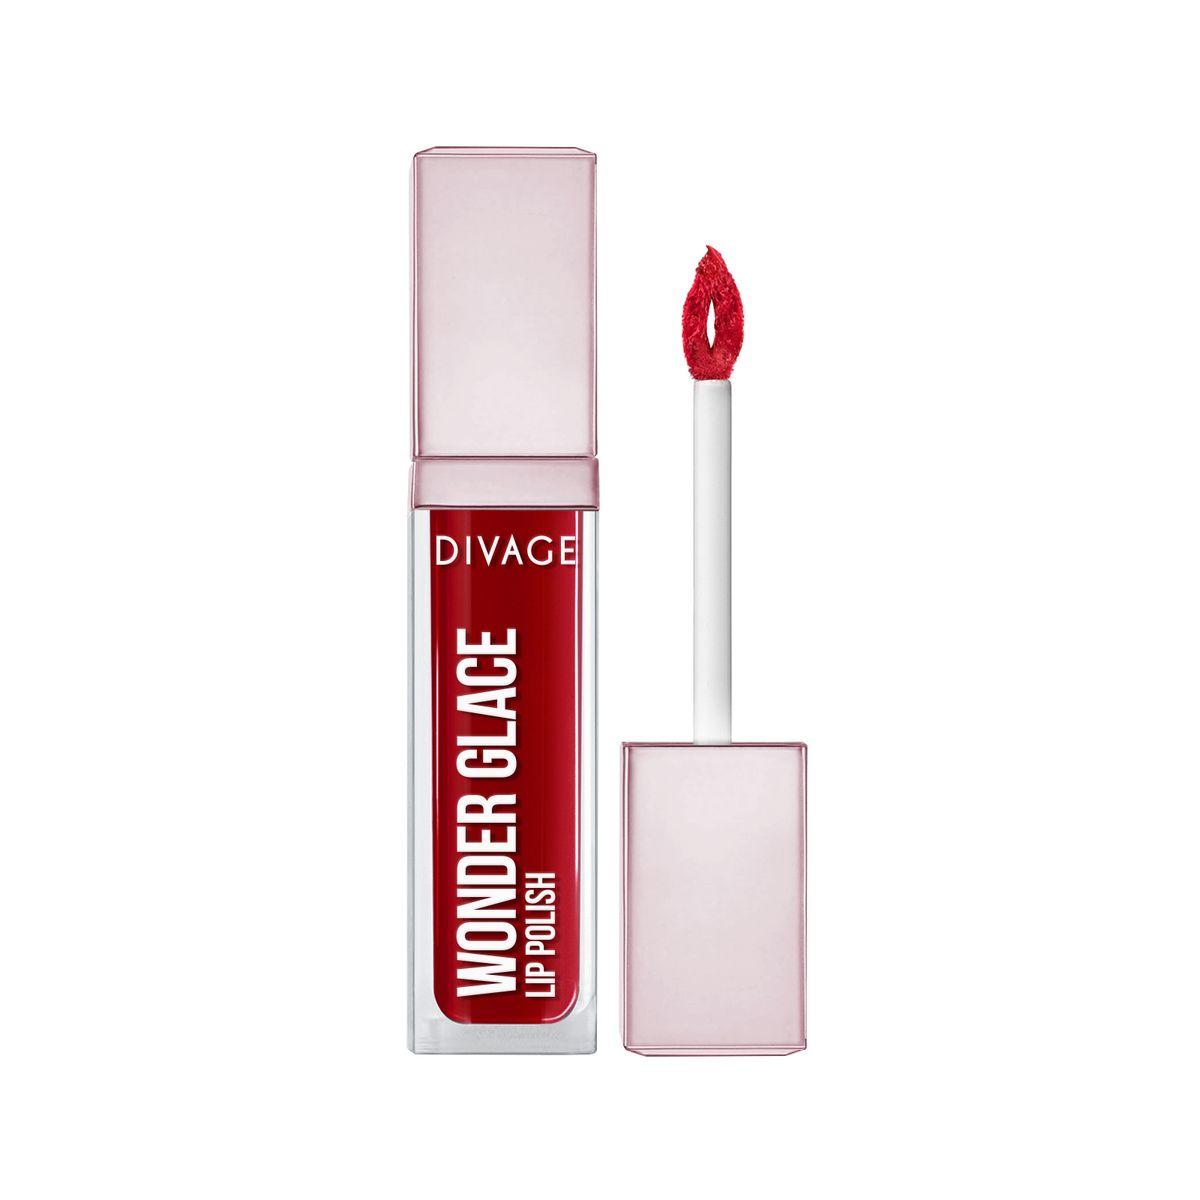 DIVAGE Лак для губ WONDER GLACE, тон № 07, 5 мл009332DIVAGE приготовил для тебя отличный подарок - лак для губ с инновационной формулой, которая придает глубокий и насыщенный цвет. Роскошное глянцевое сияние на твоих губах сделает макияж особенным и неповторимым. 8 самых актуальных оттенков, чтобы ты могла выглядеть ярко и привлекательно в любой ситуации. Особая форма аппликатора позволяет идеально прокрашивать губы и делает нанесение более комфортным. Лак не только смотрится ярко, но и увлажняет и защищает твои губы. Будь самой неповторимой этой весной и восхищай всех роскошным блеском и невероятно насыщенным цветом с лаком для губ «WONDER GLACE» от DIVAGE!